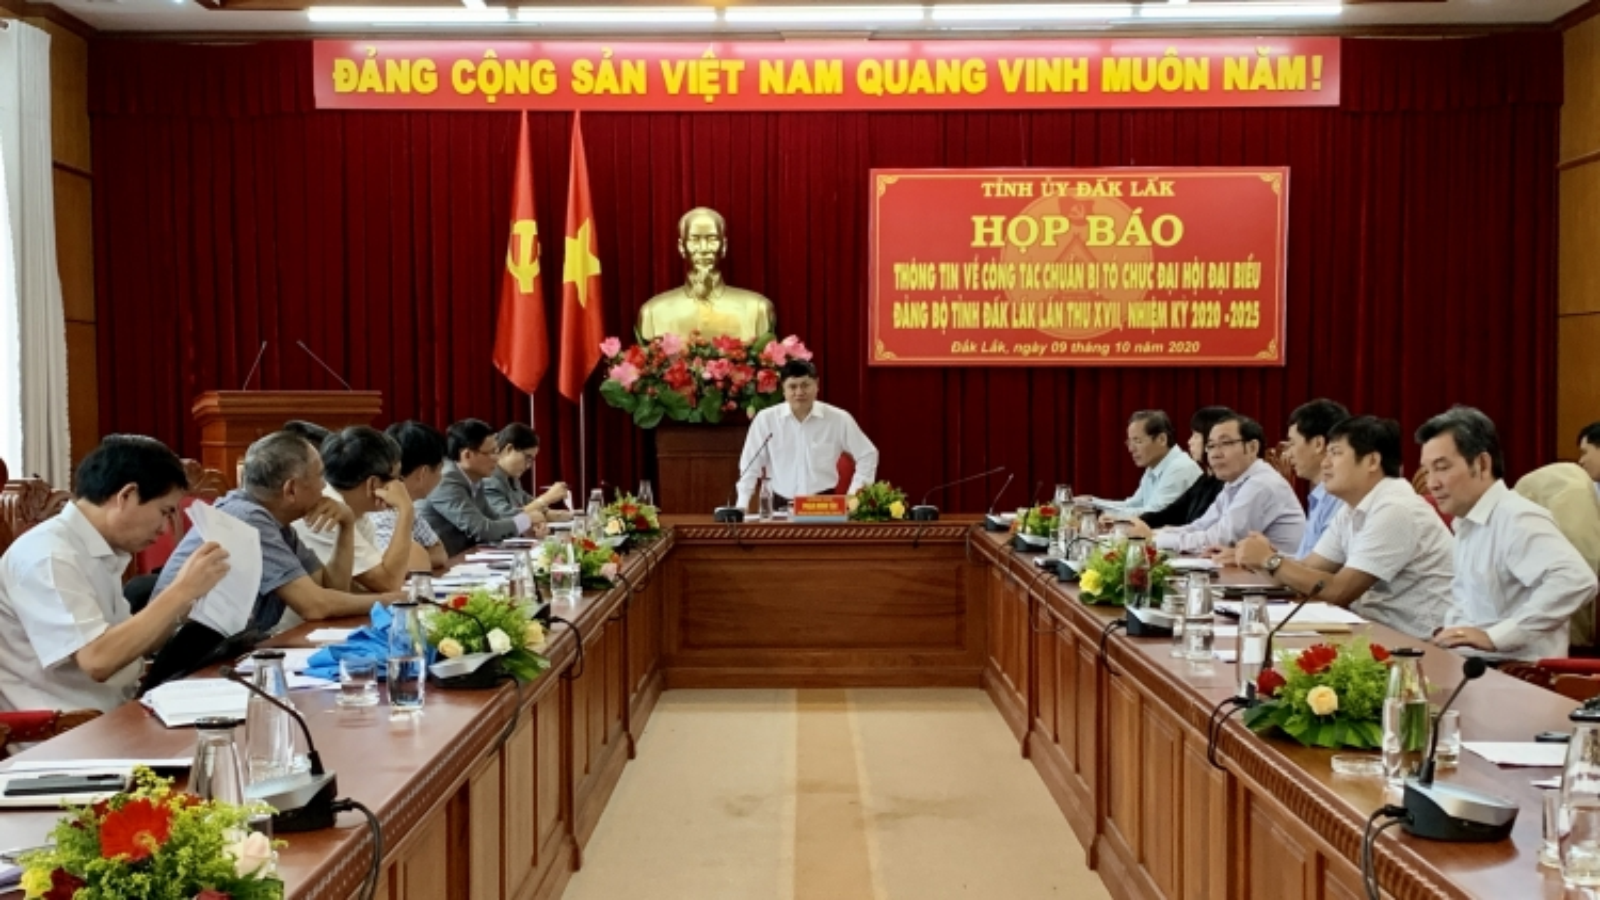 Đại hội đại biểu Đảng bộ tỉnh Đắk Lắk diễn ratừ ngày 13-15/10